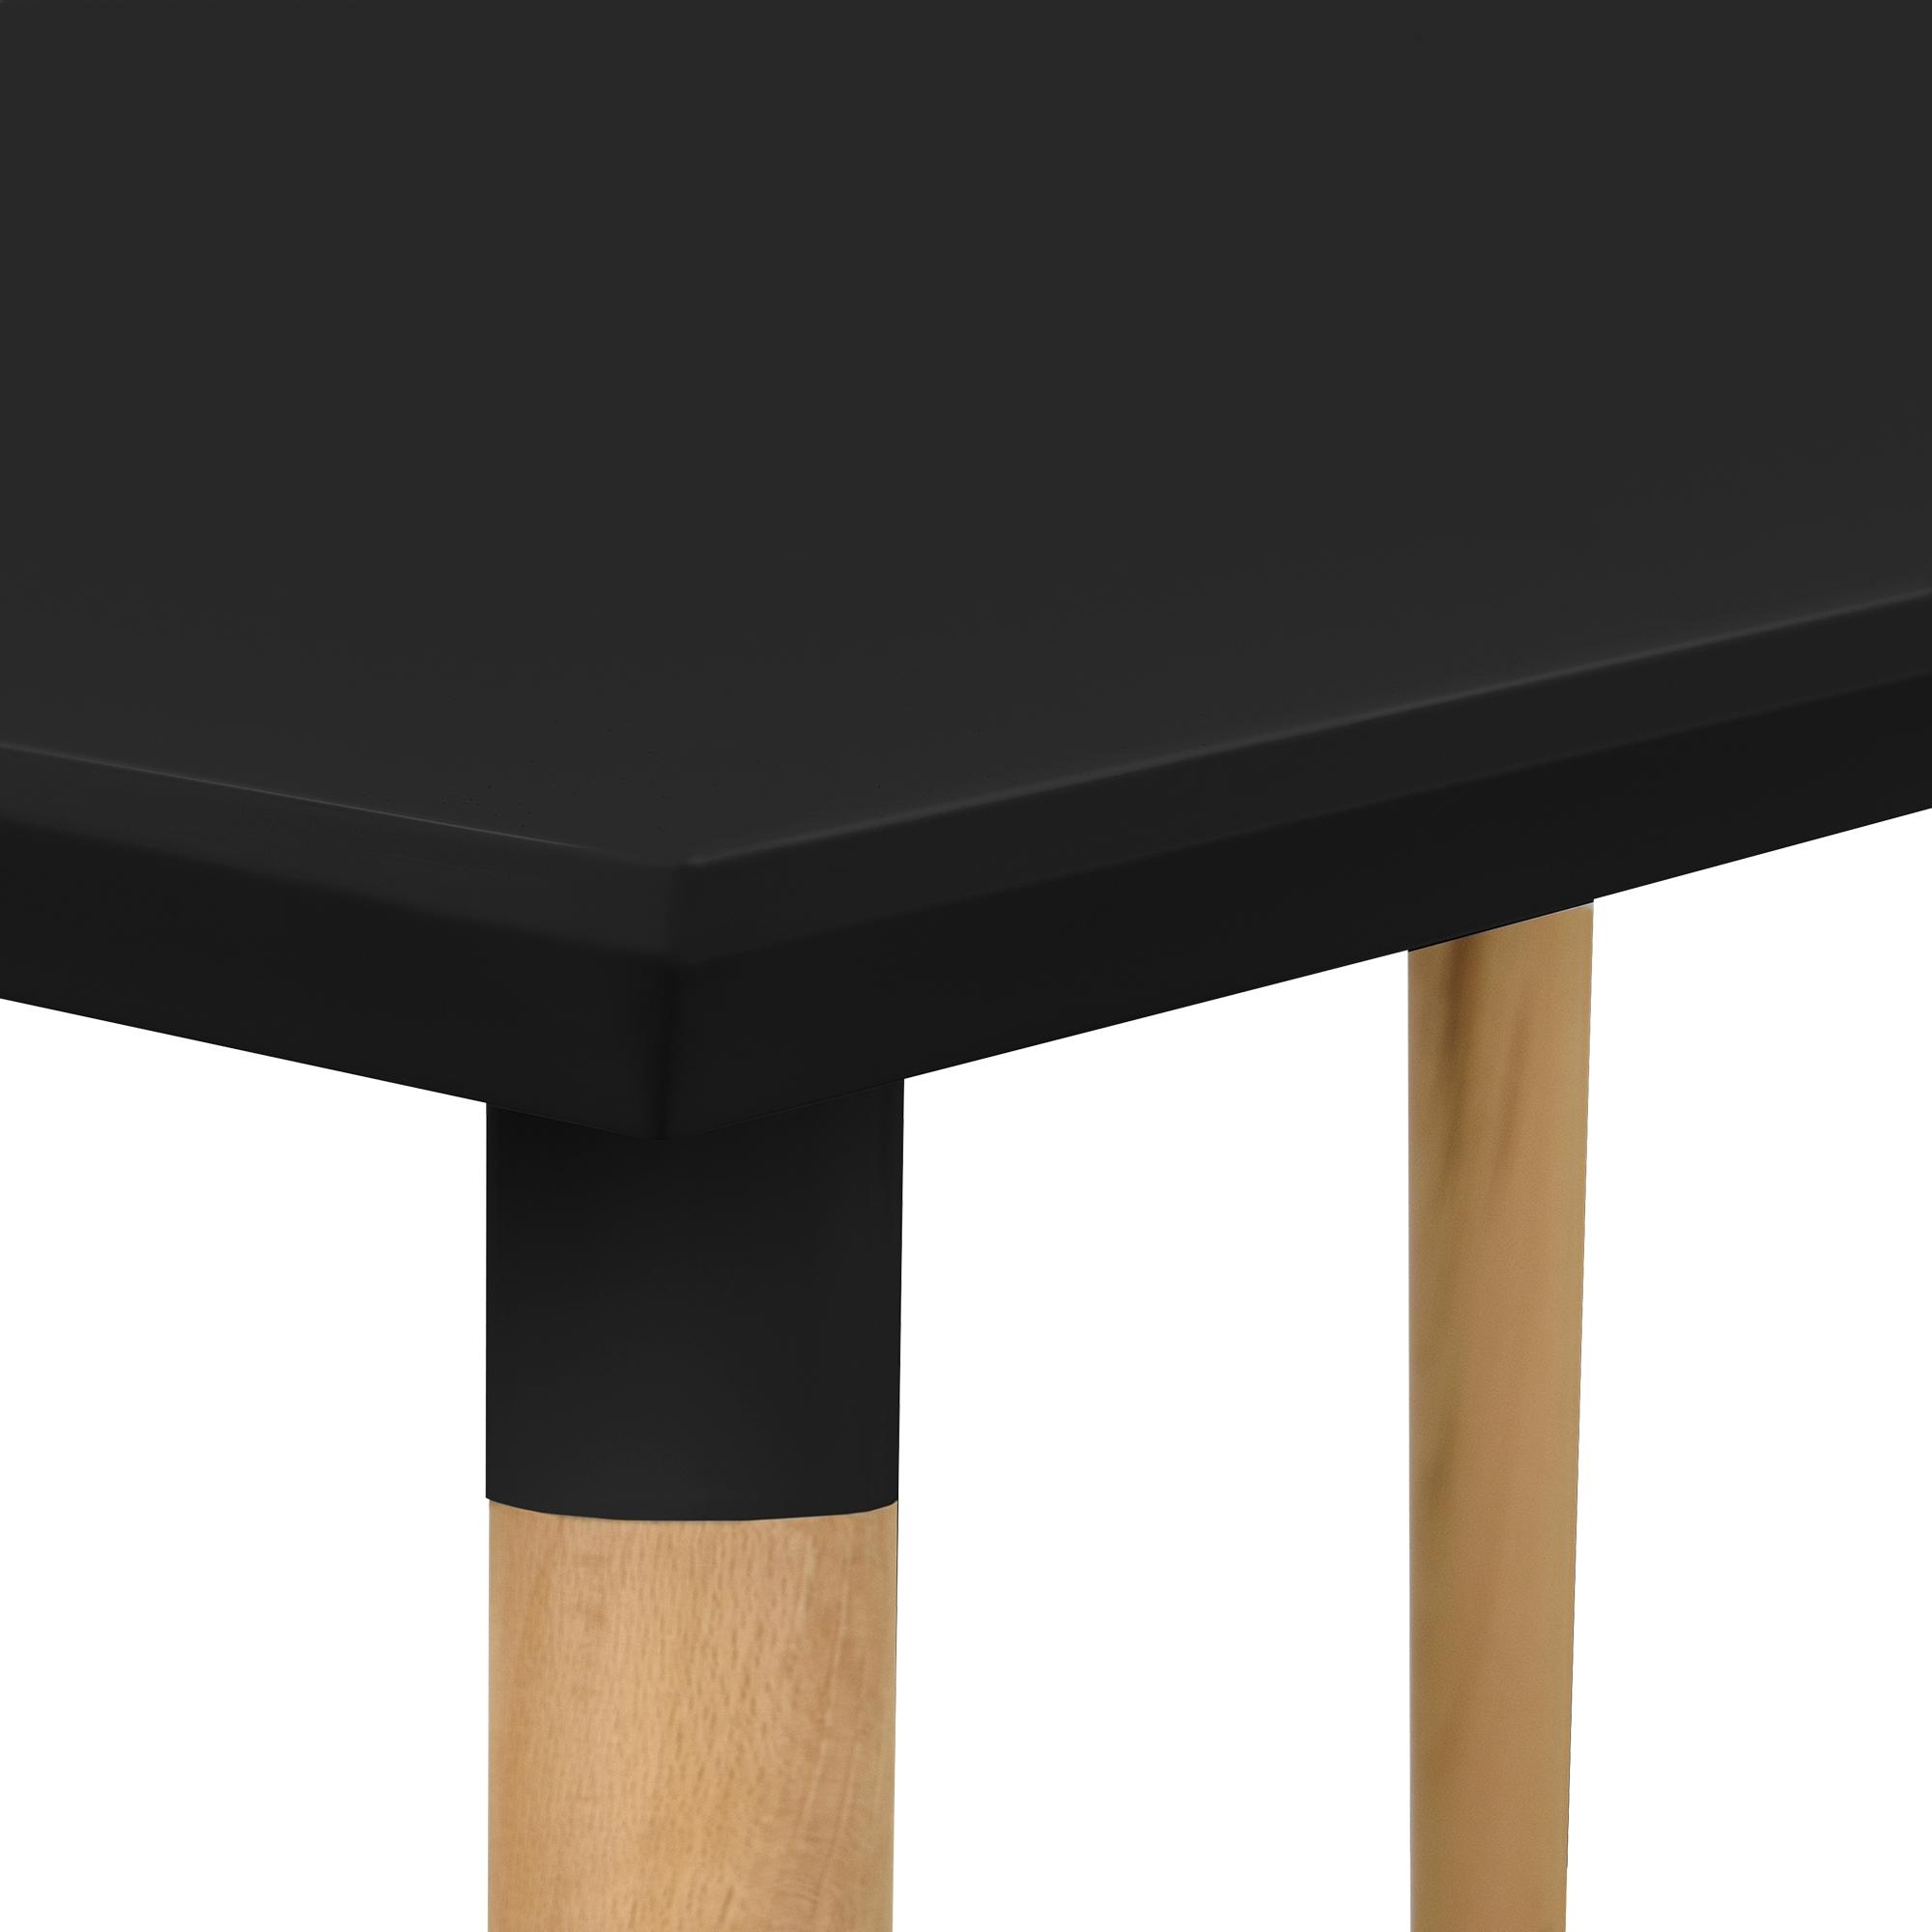 Esstisch Mdf Schwarz ~ [encasa] Moderner Esstisch Tisch Esszimmer Küchentisch Retro Rund Eckig Eiche